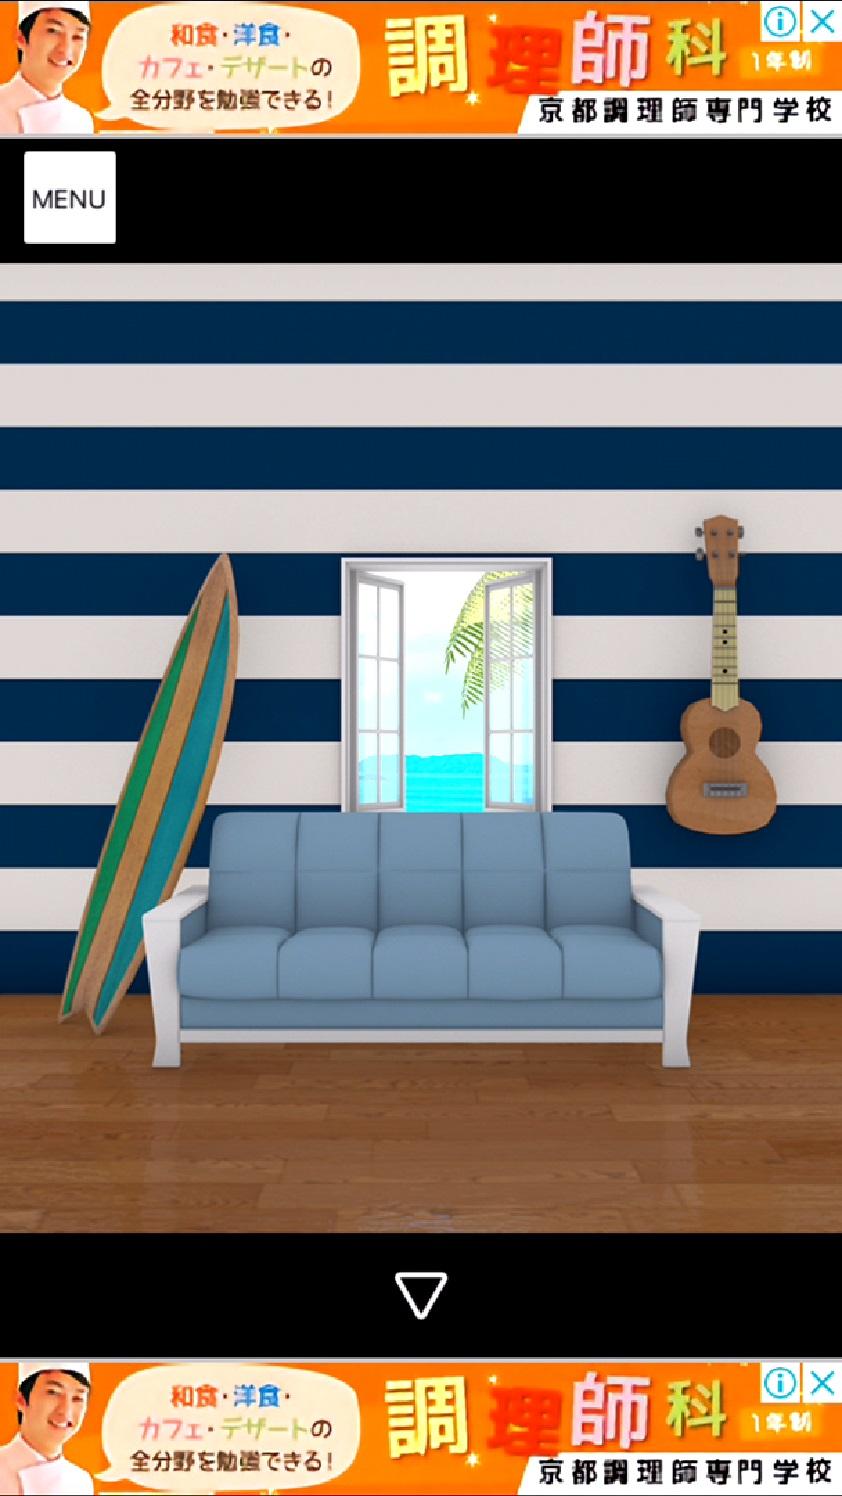 androidアプリ 脱出ゲーム Aloha ハワイの海に浮かぶ家攻略スクリーンショット3